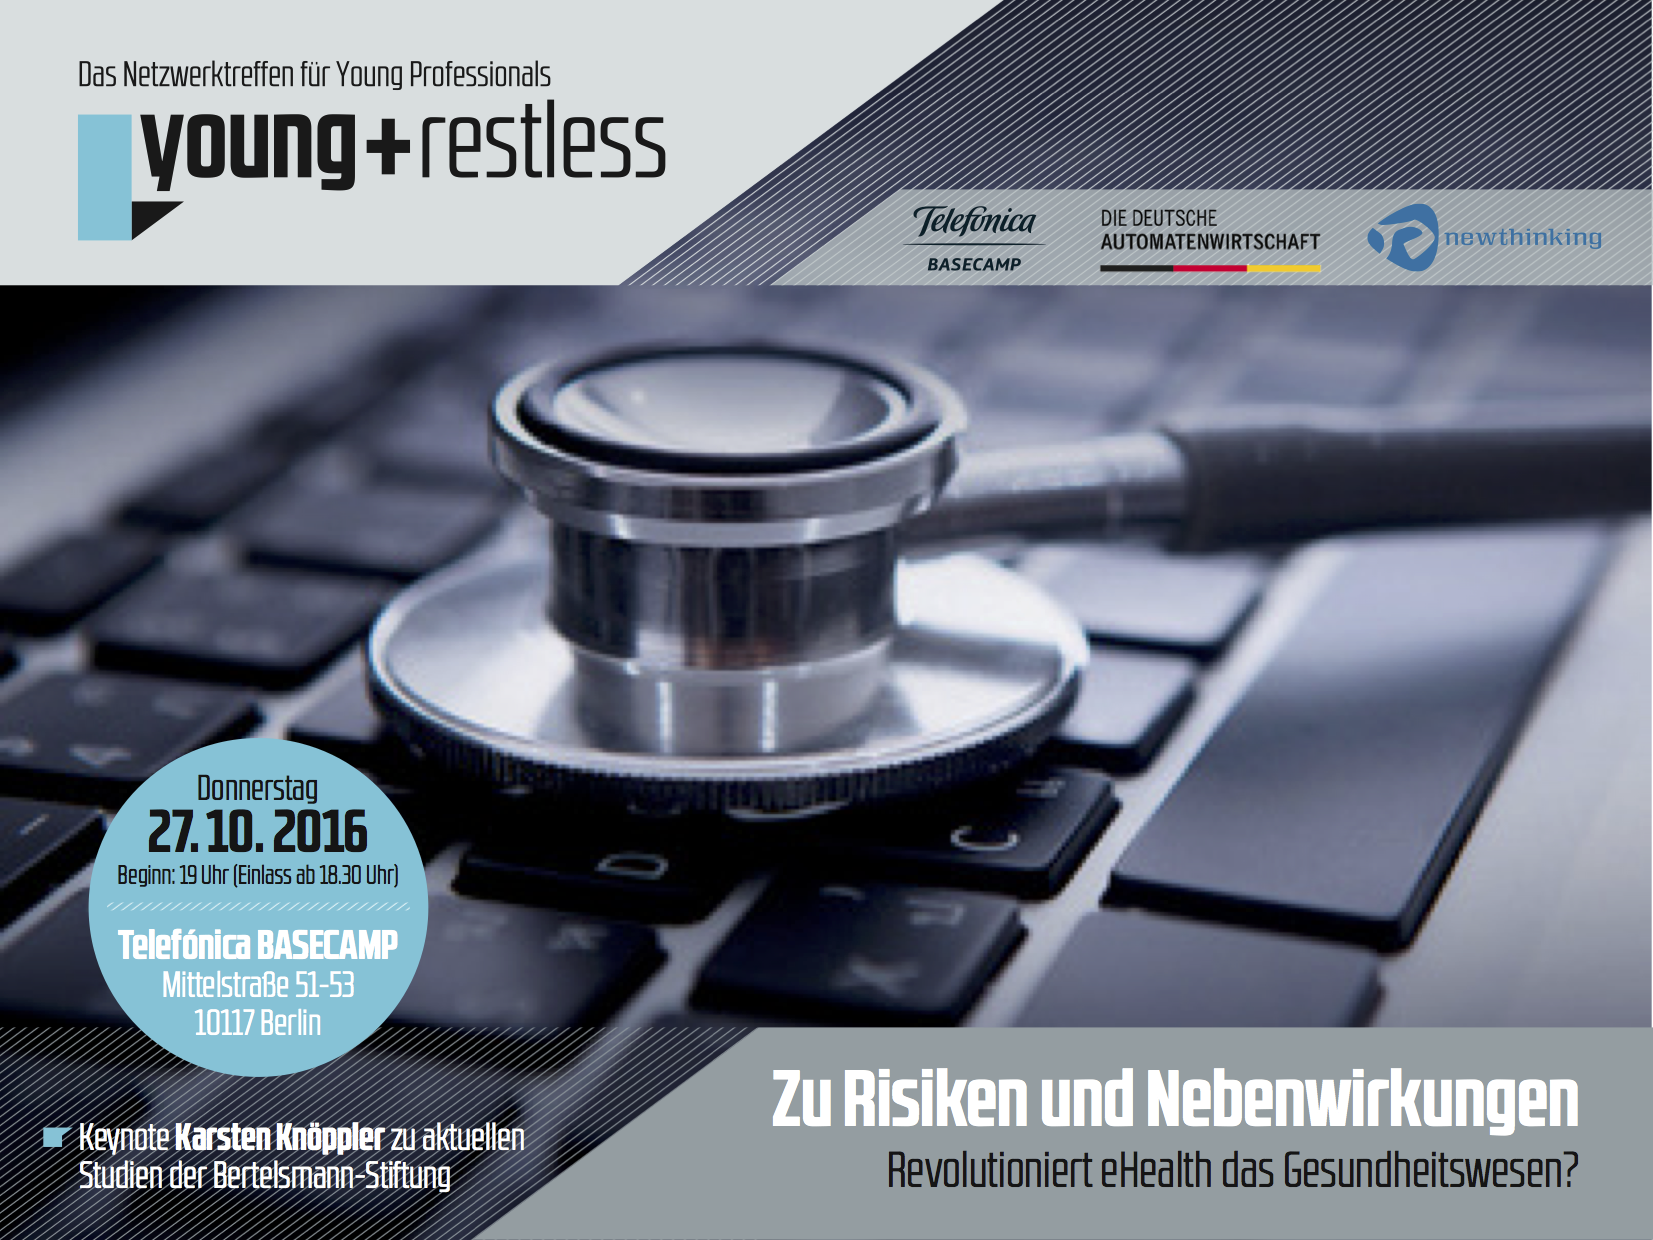 young+restless am 27. Oktober: Revolutioniert eHealth das Gesundheitswesen?